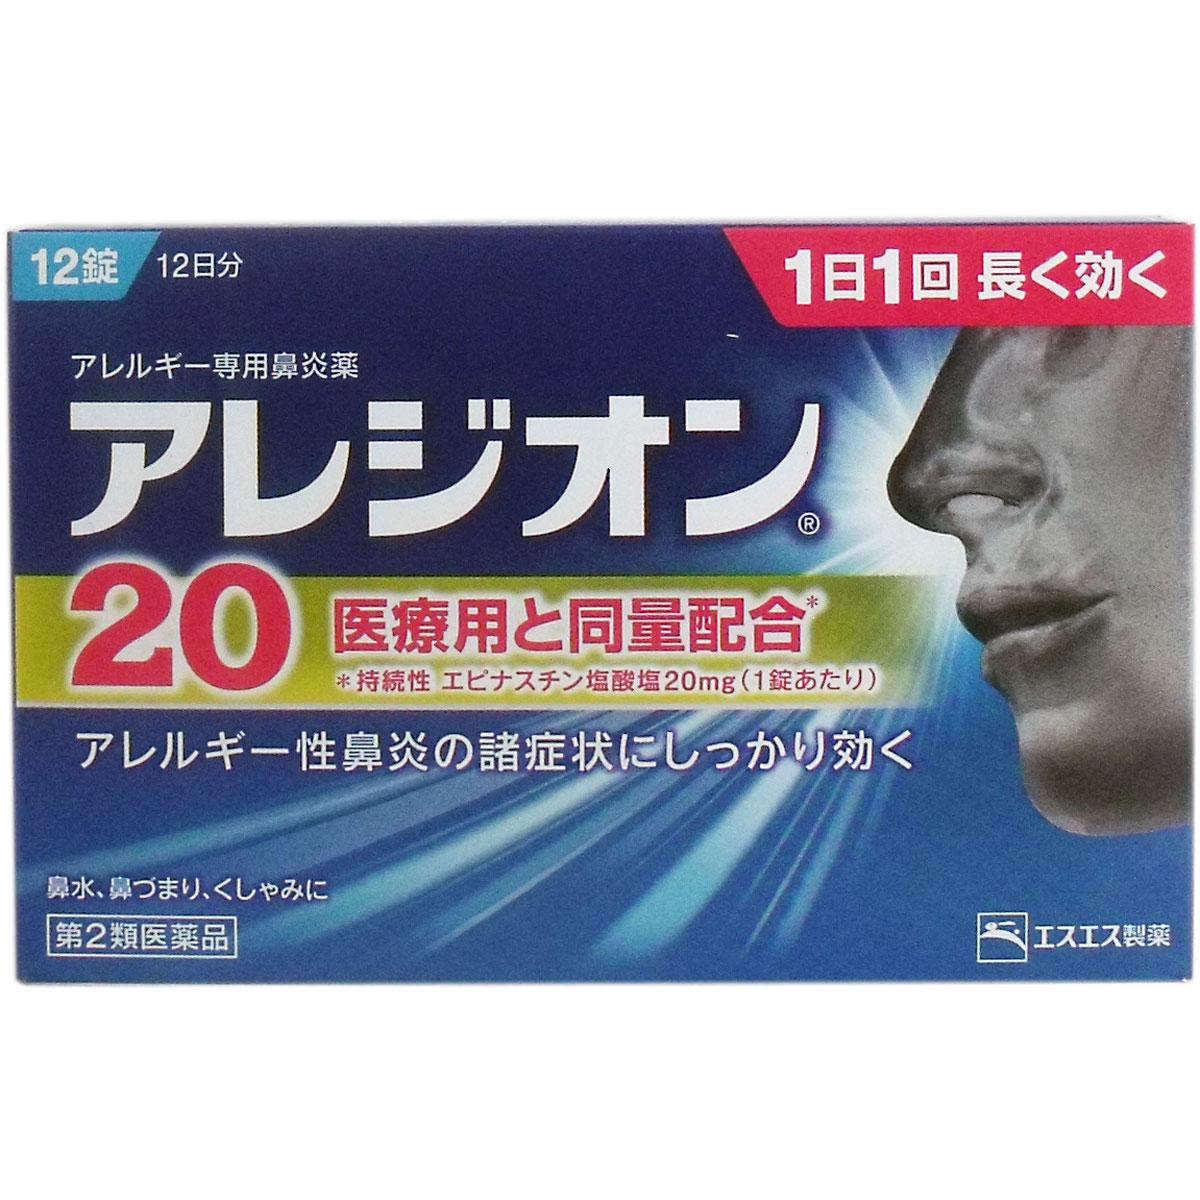 【第2類医薬品】 ★アレジオン20 12錠